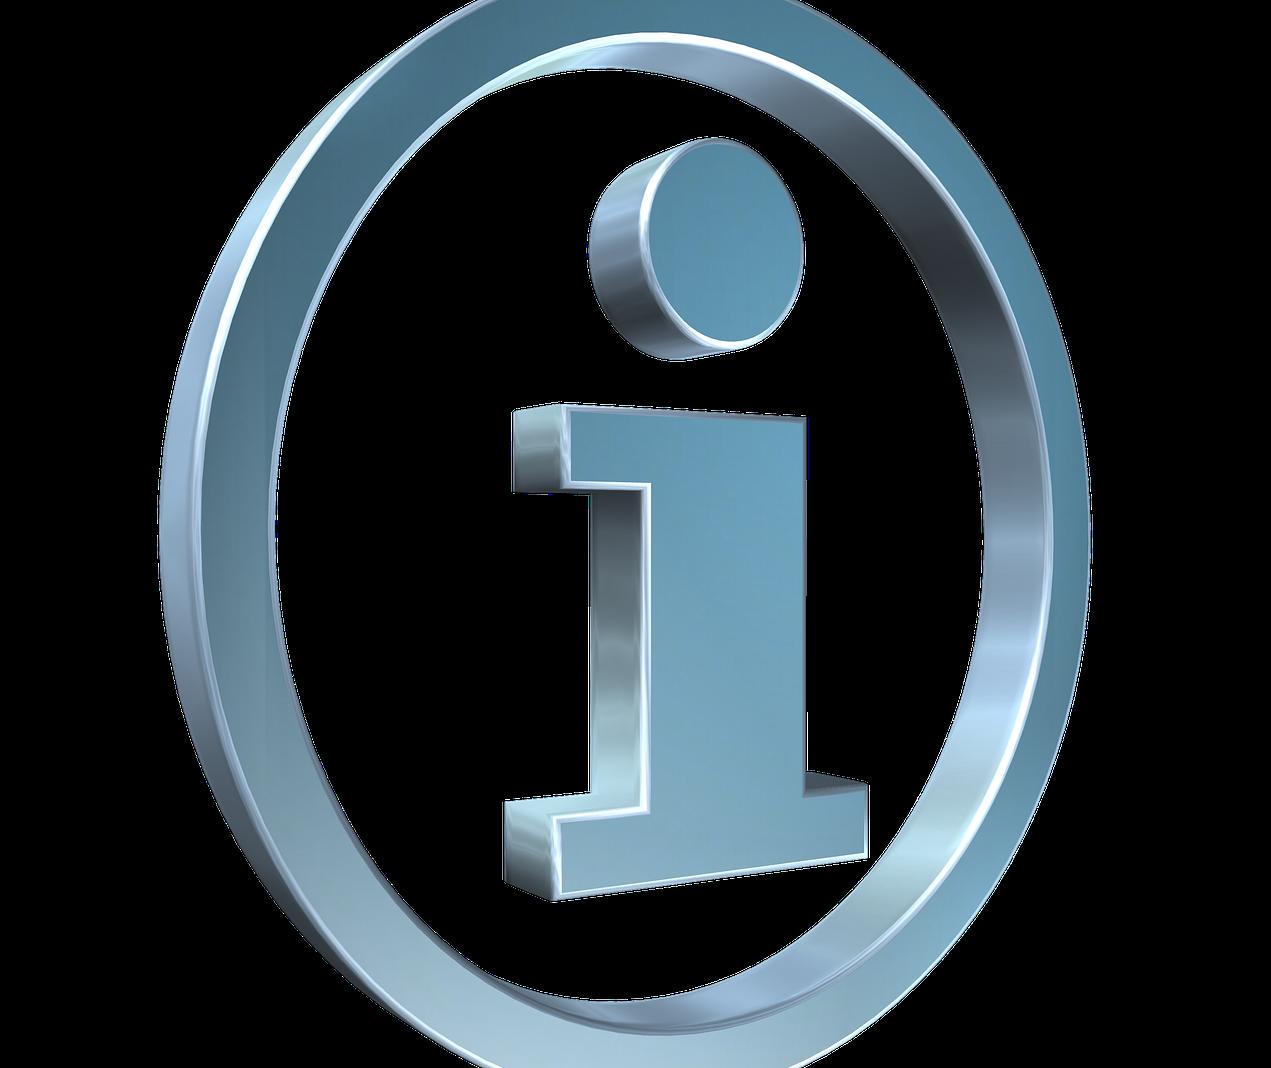 Il Comando per la protezione civile di Rovigno ha avviato una linea telefonica